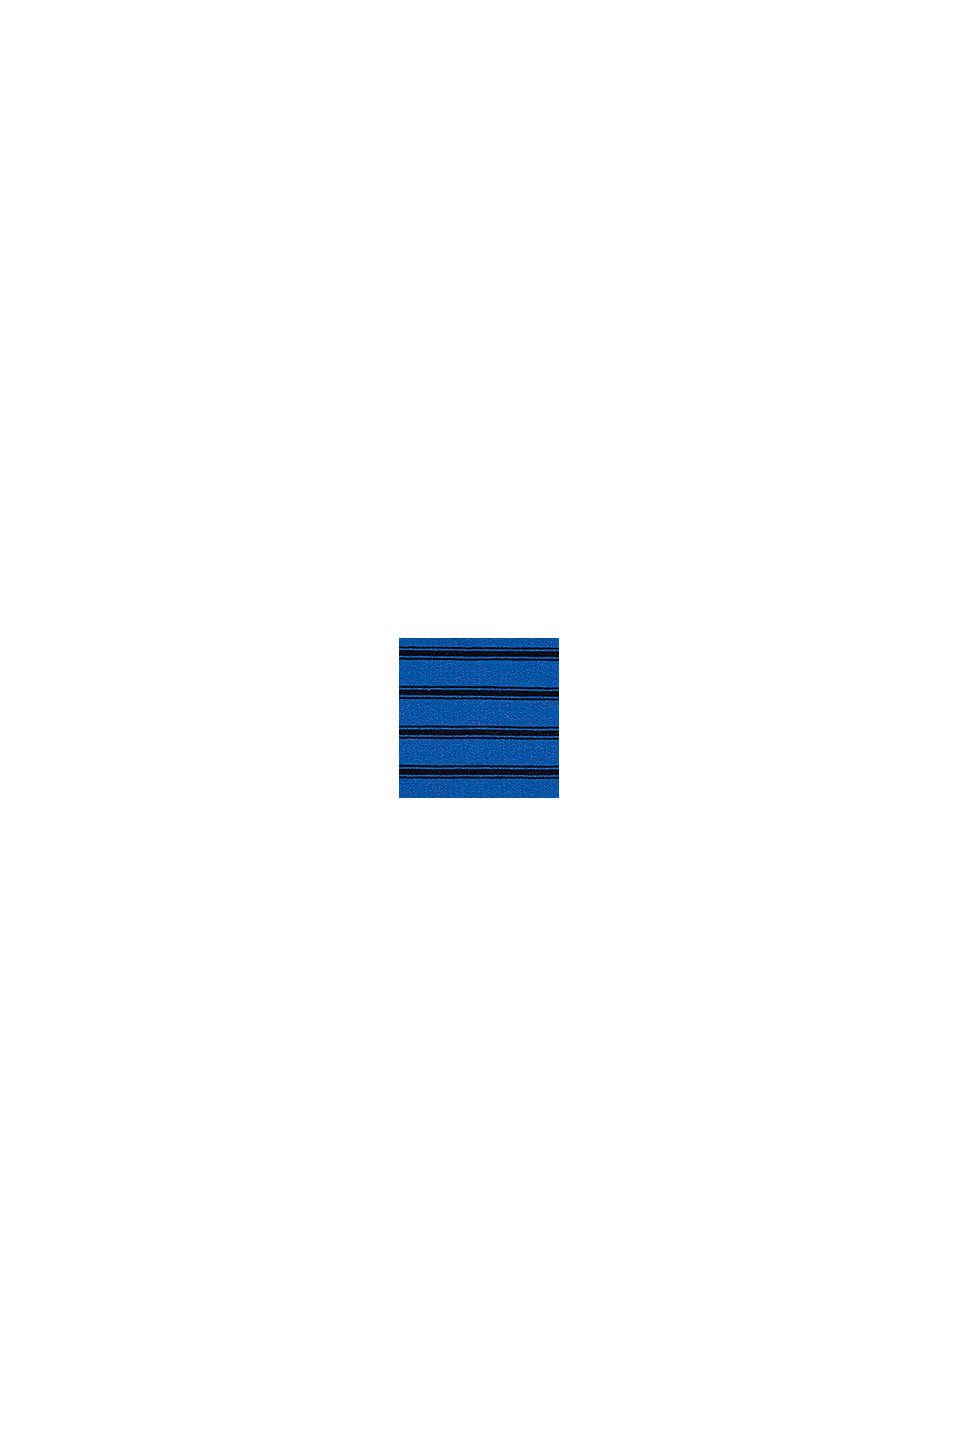 T-shirt à manches longues en coton biologique au look rayé brodé, BLUE, swatch